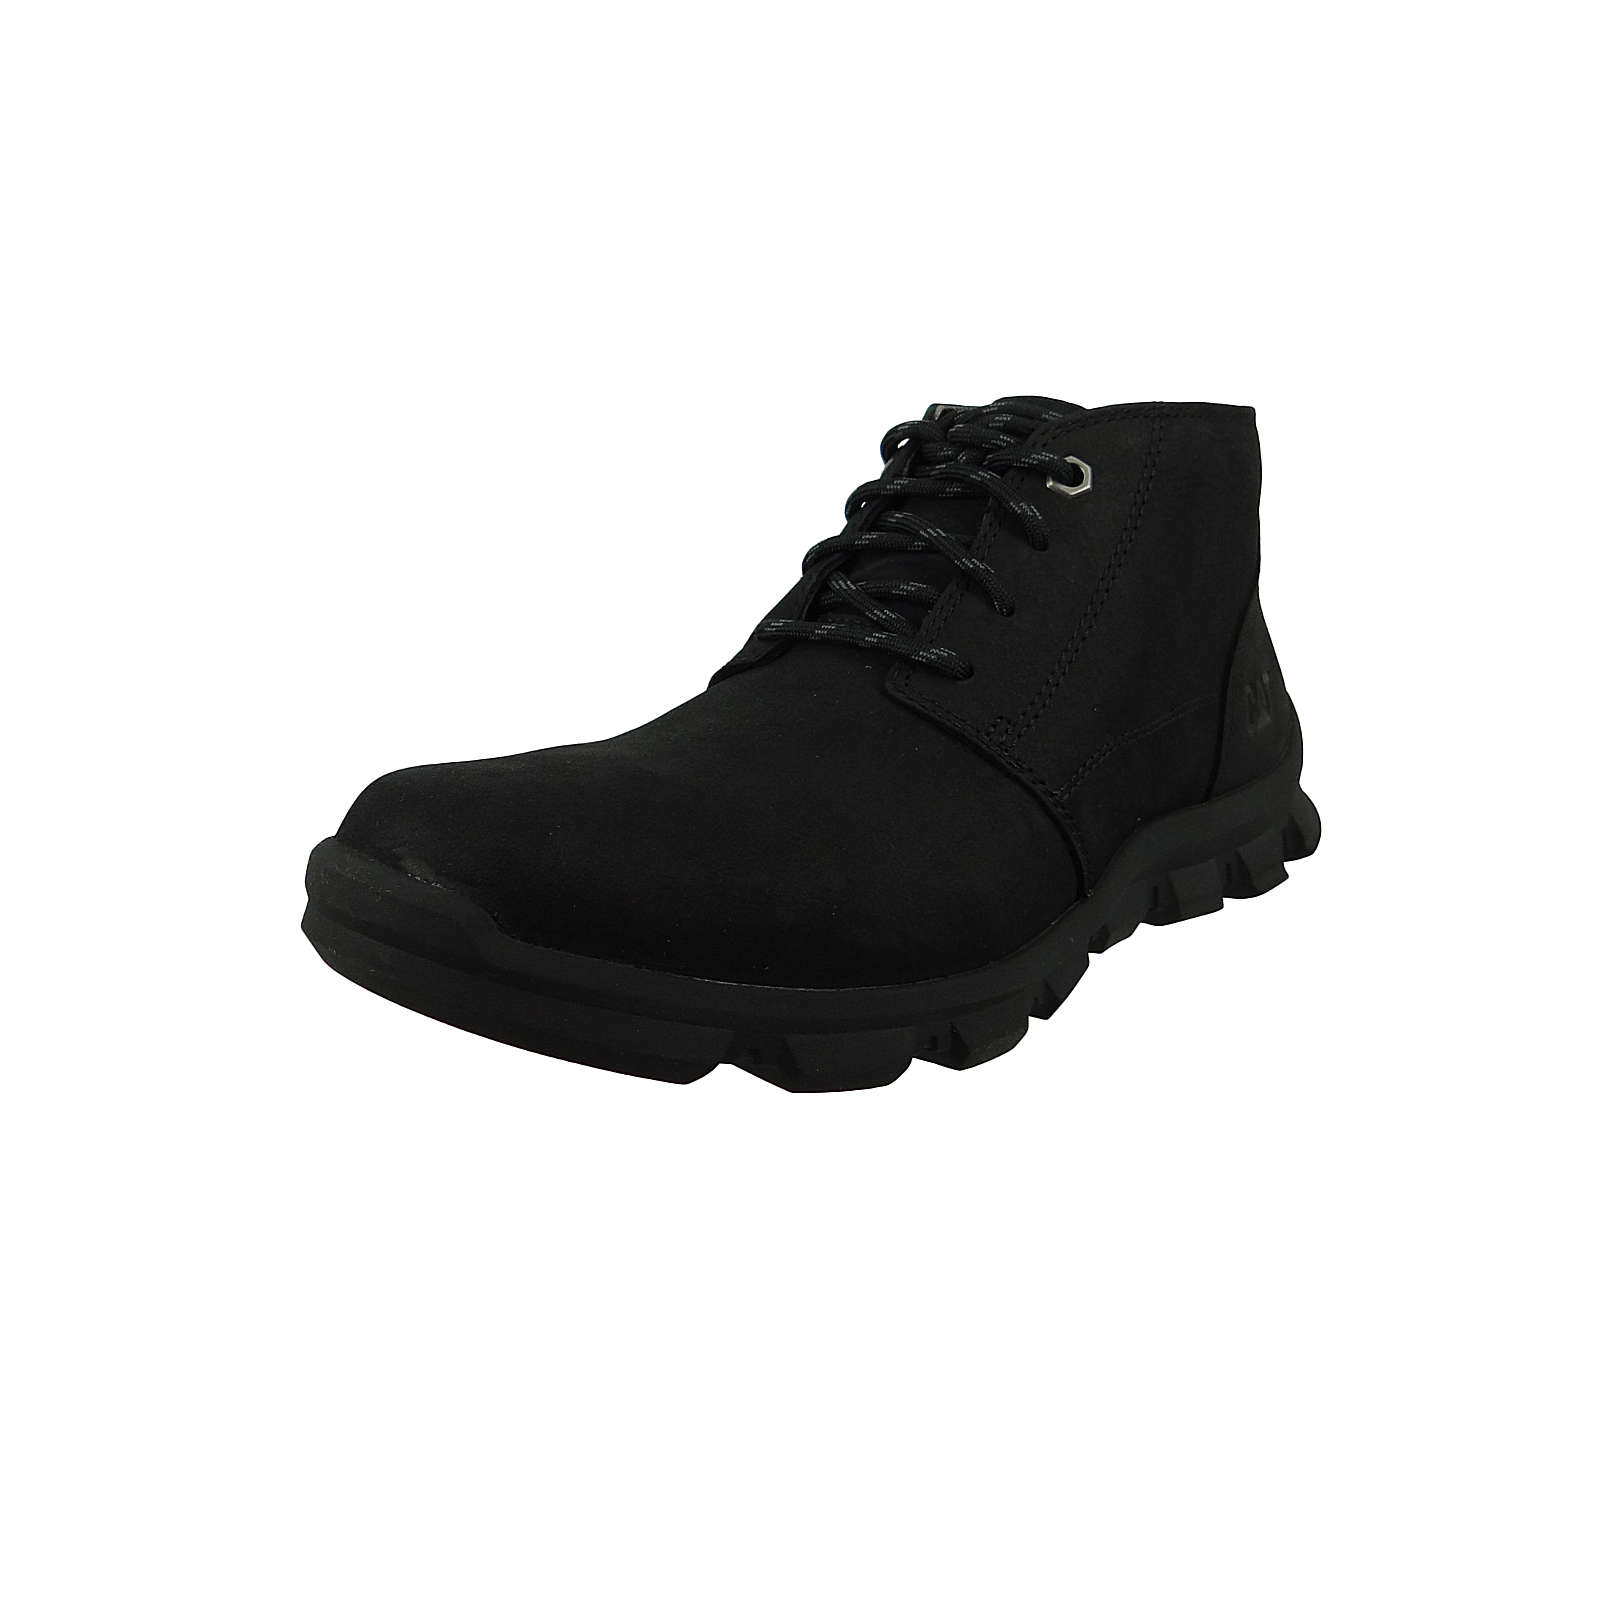 CATERPILLAR Schuhe Prepense Schnürschuhe Black Schwarz P723243 Schnürstiefeletten schwarz Herren Gr. 41